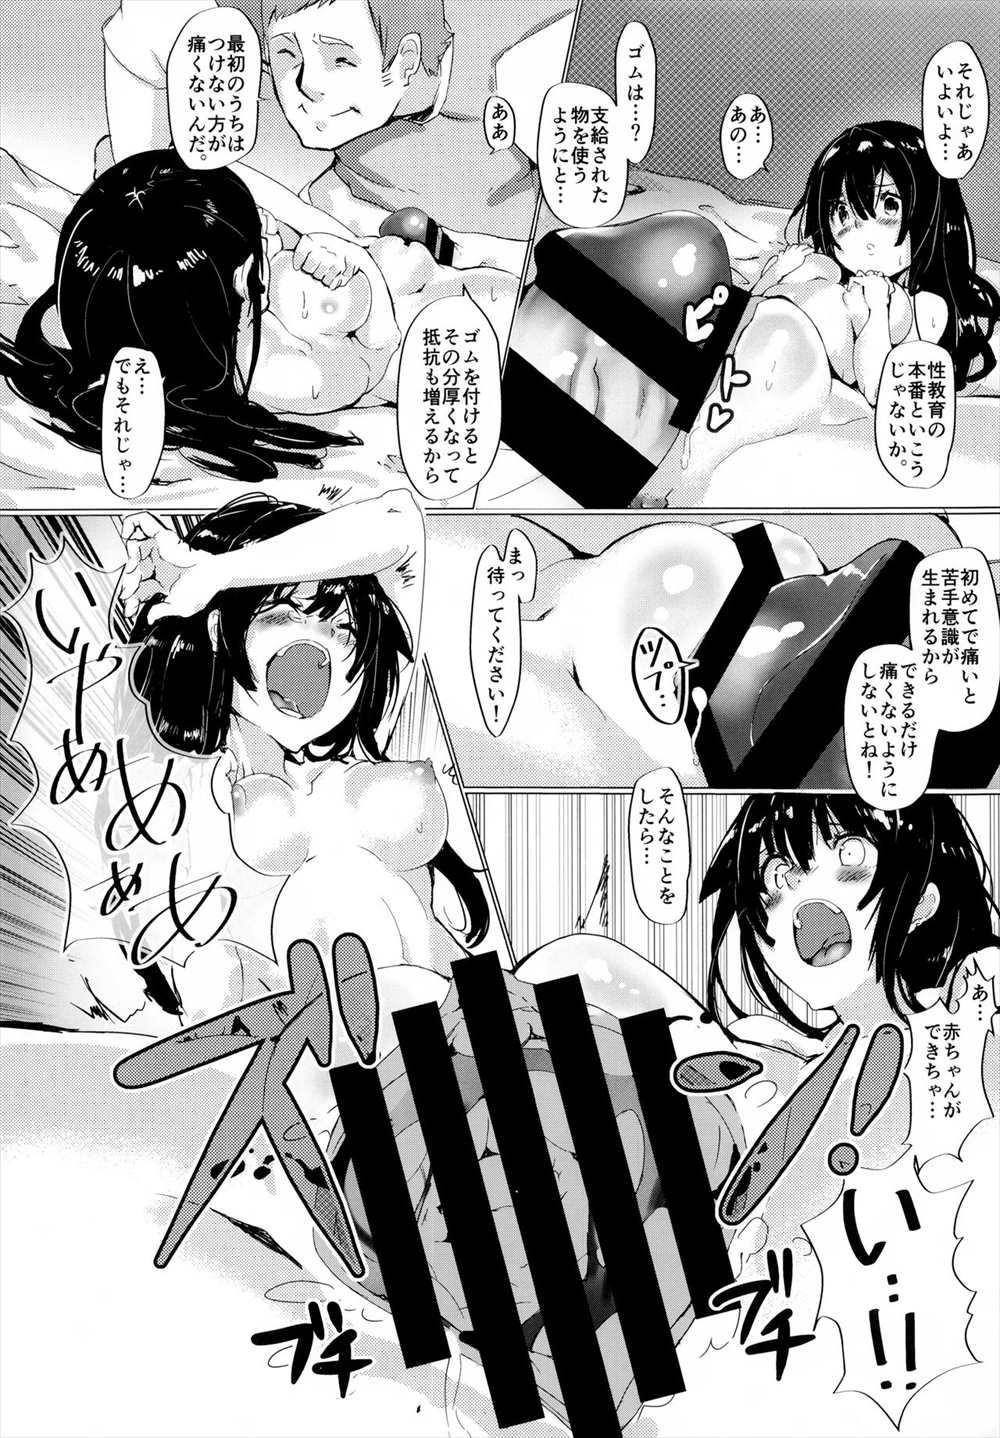 【エロ漫画】少子化対策のために特定男と子作り…ハメ撮りされながら処女喪失してしまうJK!!【もりかわ:性教育現地実習制度】